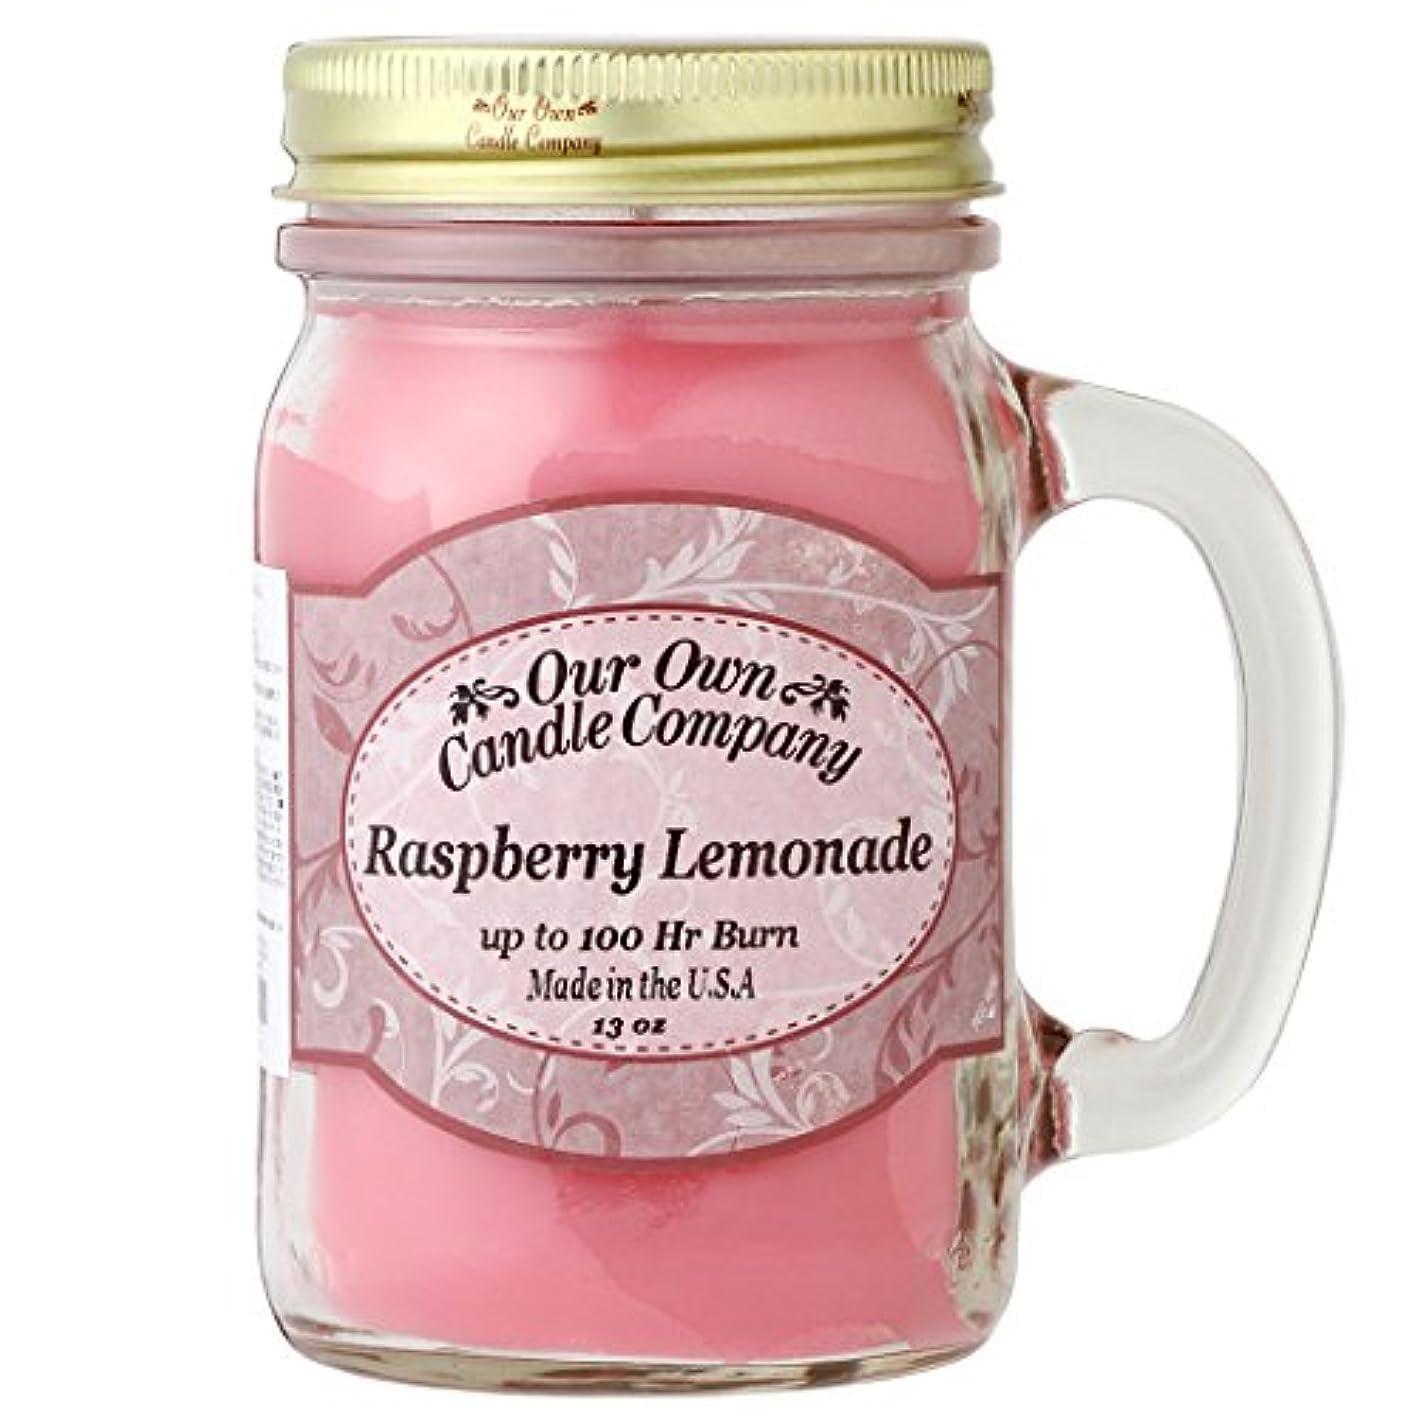 ロイヤリティ加速度心のこもったOur Own Candle Company メイソンジャーキャンドル ラージサイズ ラズベリーレモネード OU100096